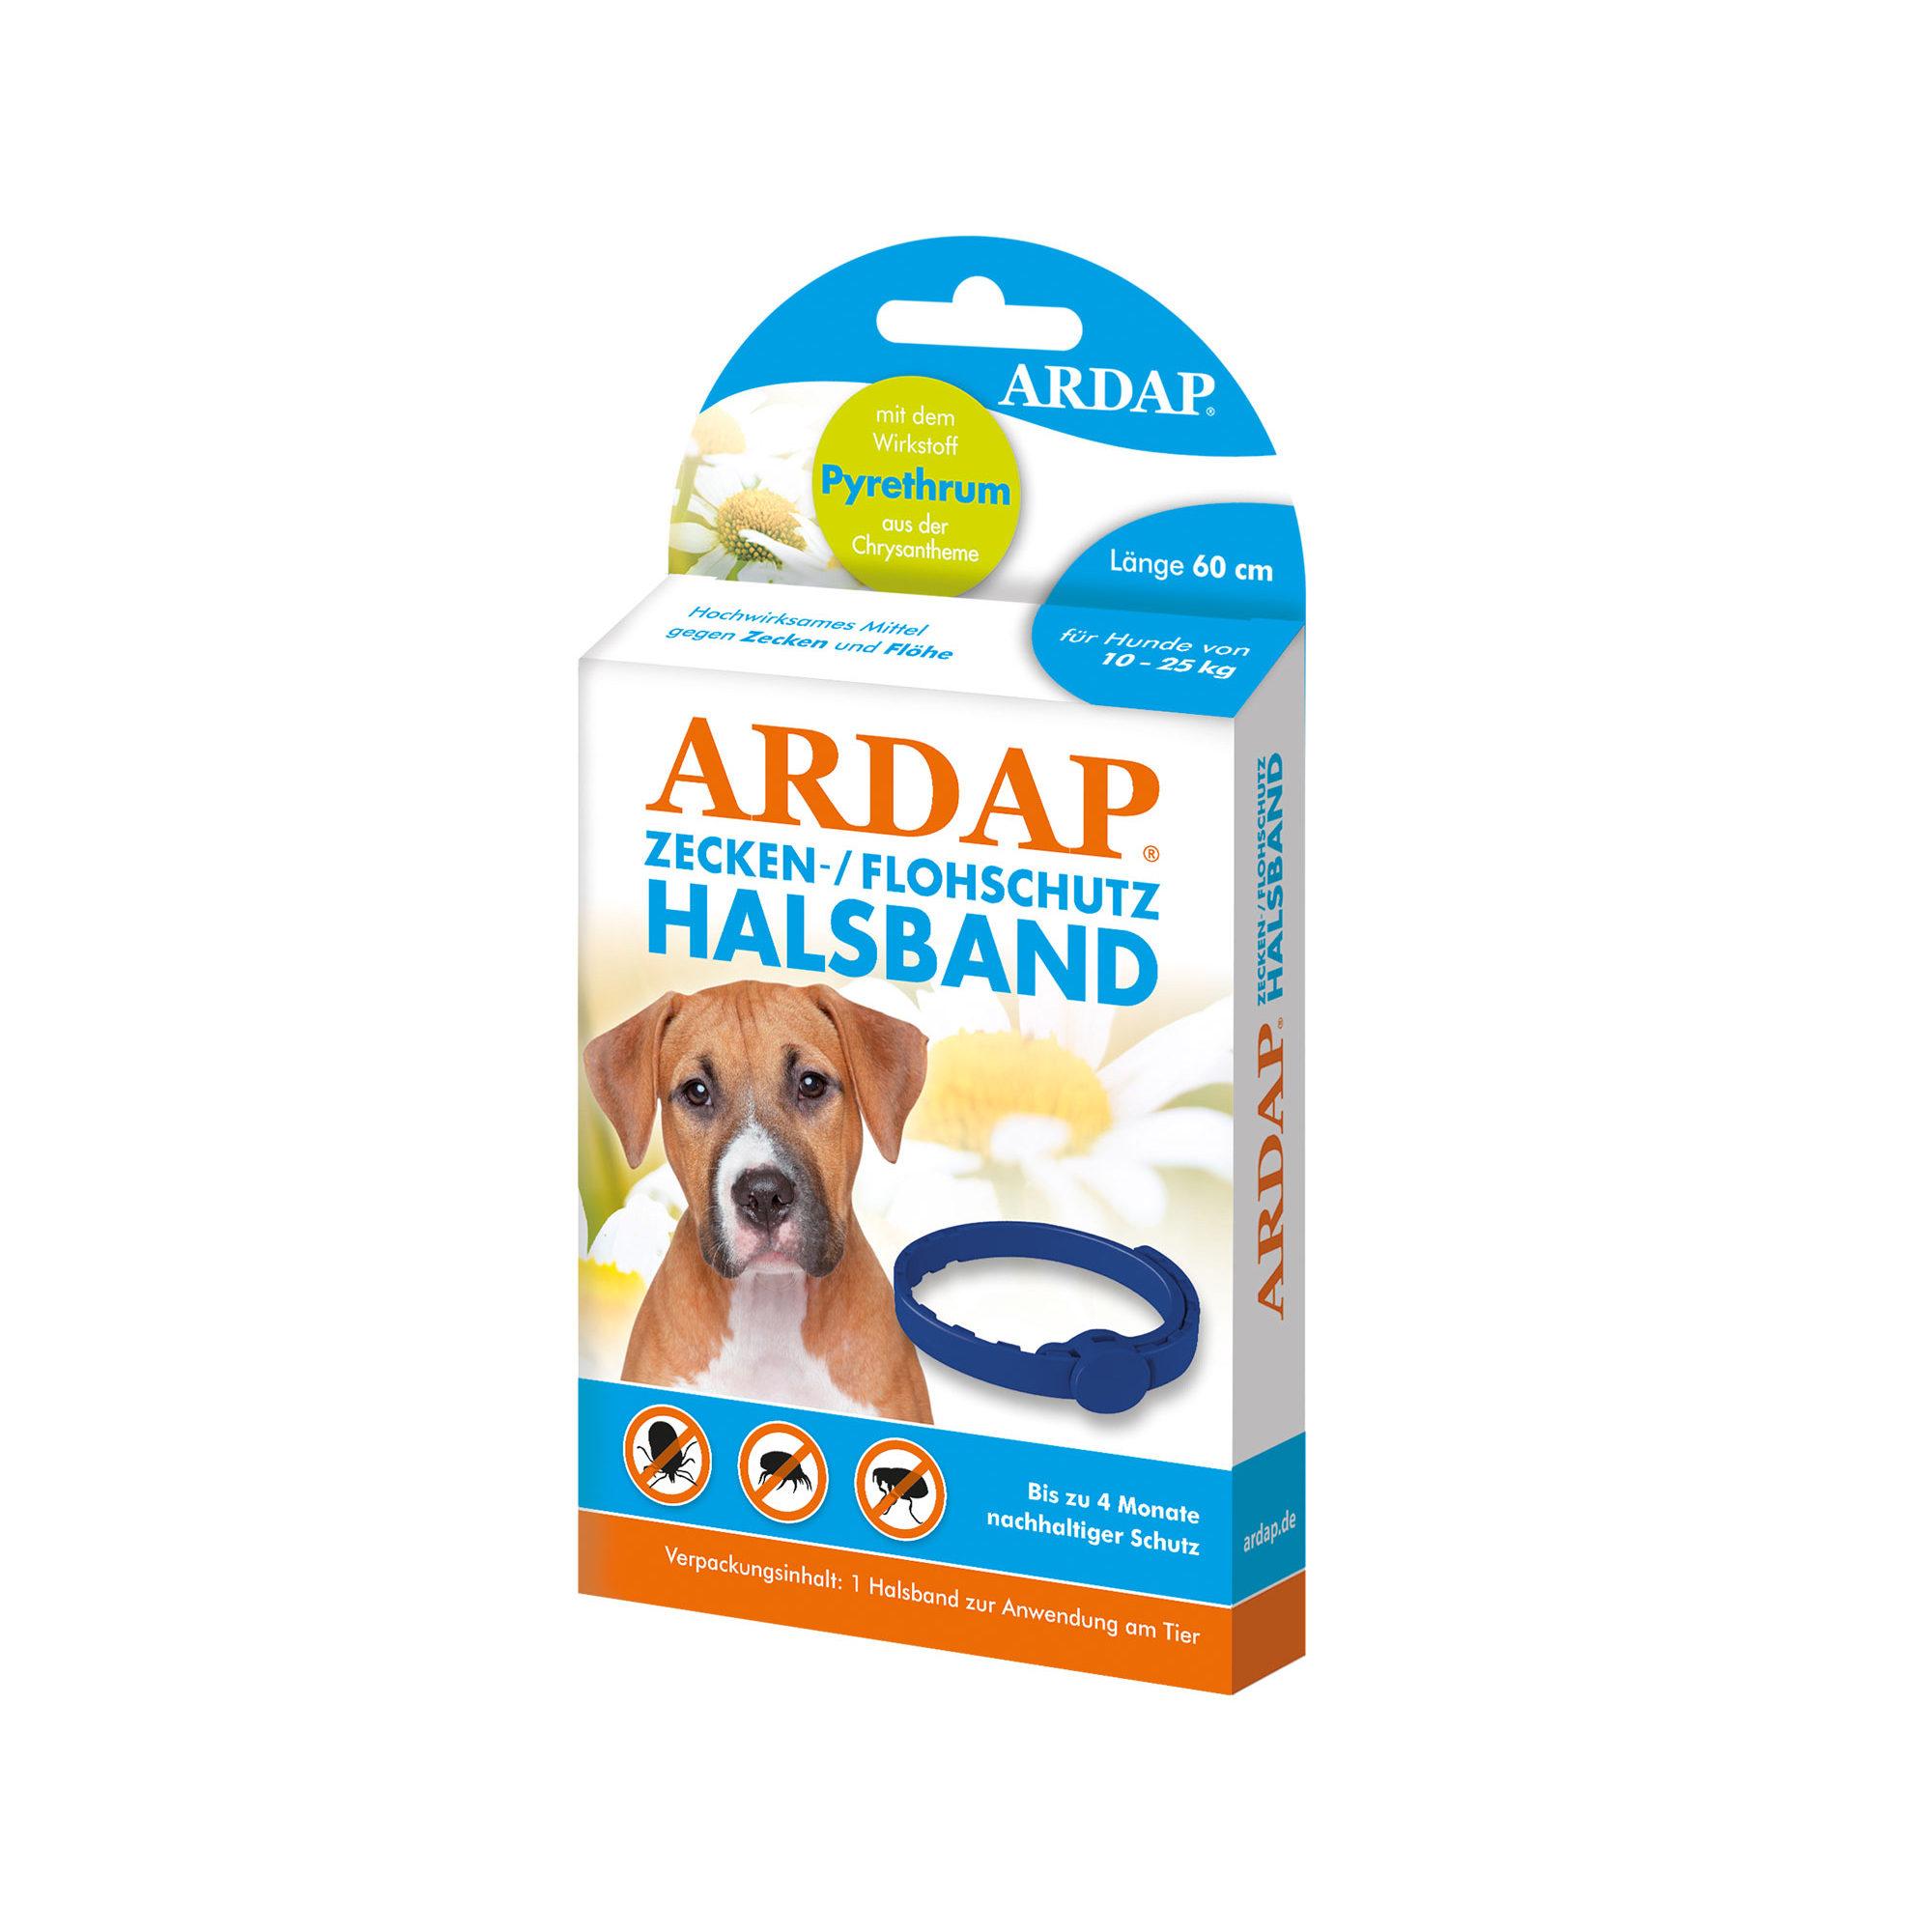 Ardap Zecken- & Flohhalsband für Hunde 10 - 25 Kg - 60 cm